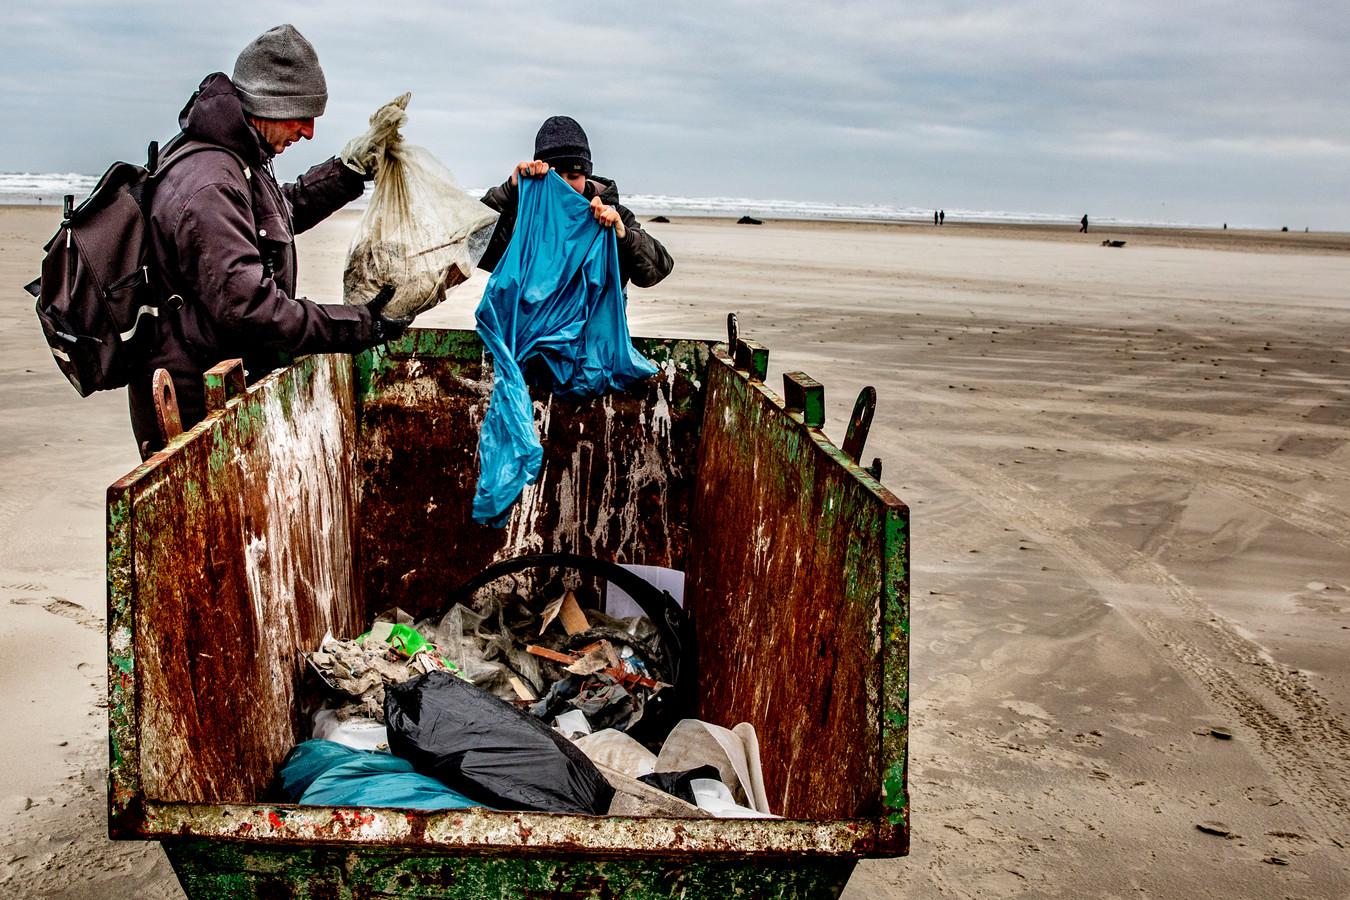 Vrijwilligers ruimen de spullen op die op het strand zijn aangespoeld nadat het vrachtschip MSC Zoe 270 containers was verloren.